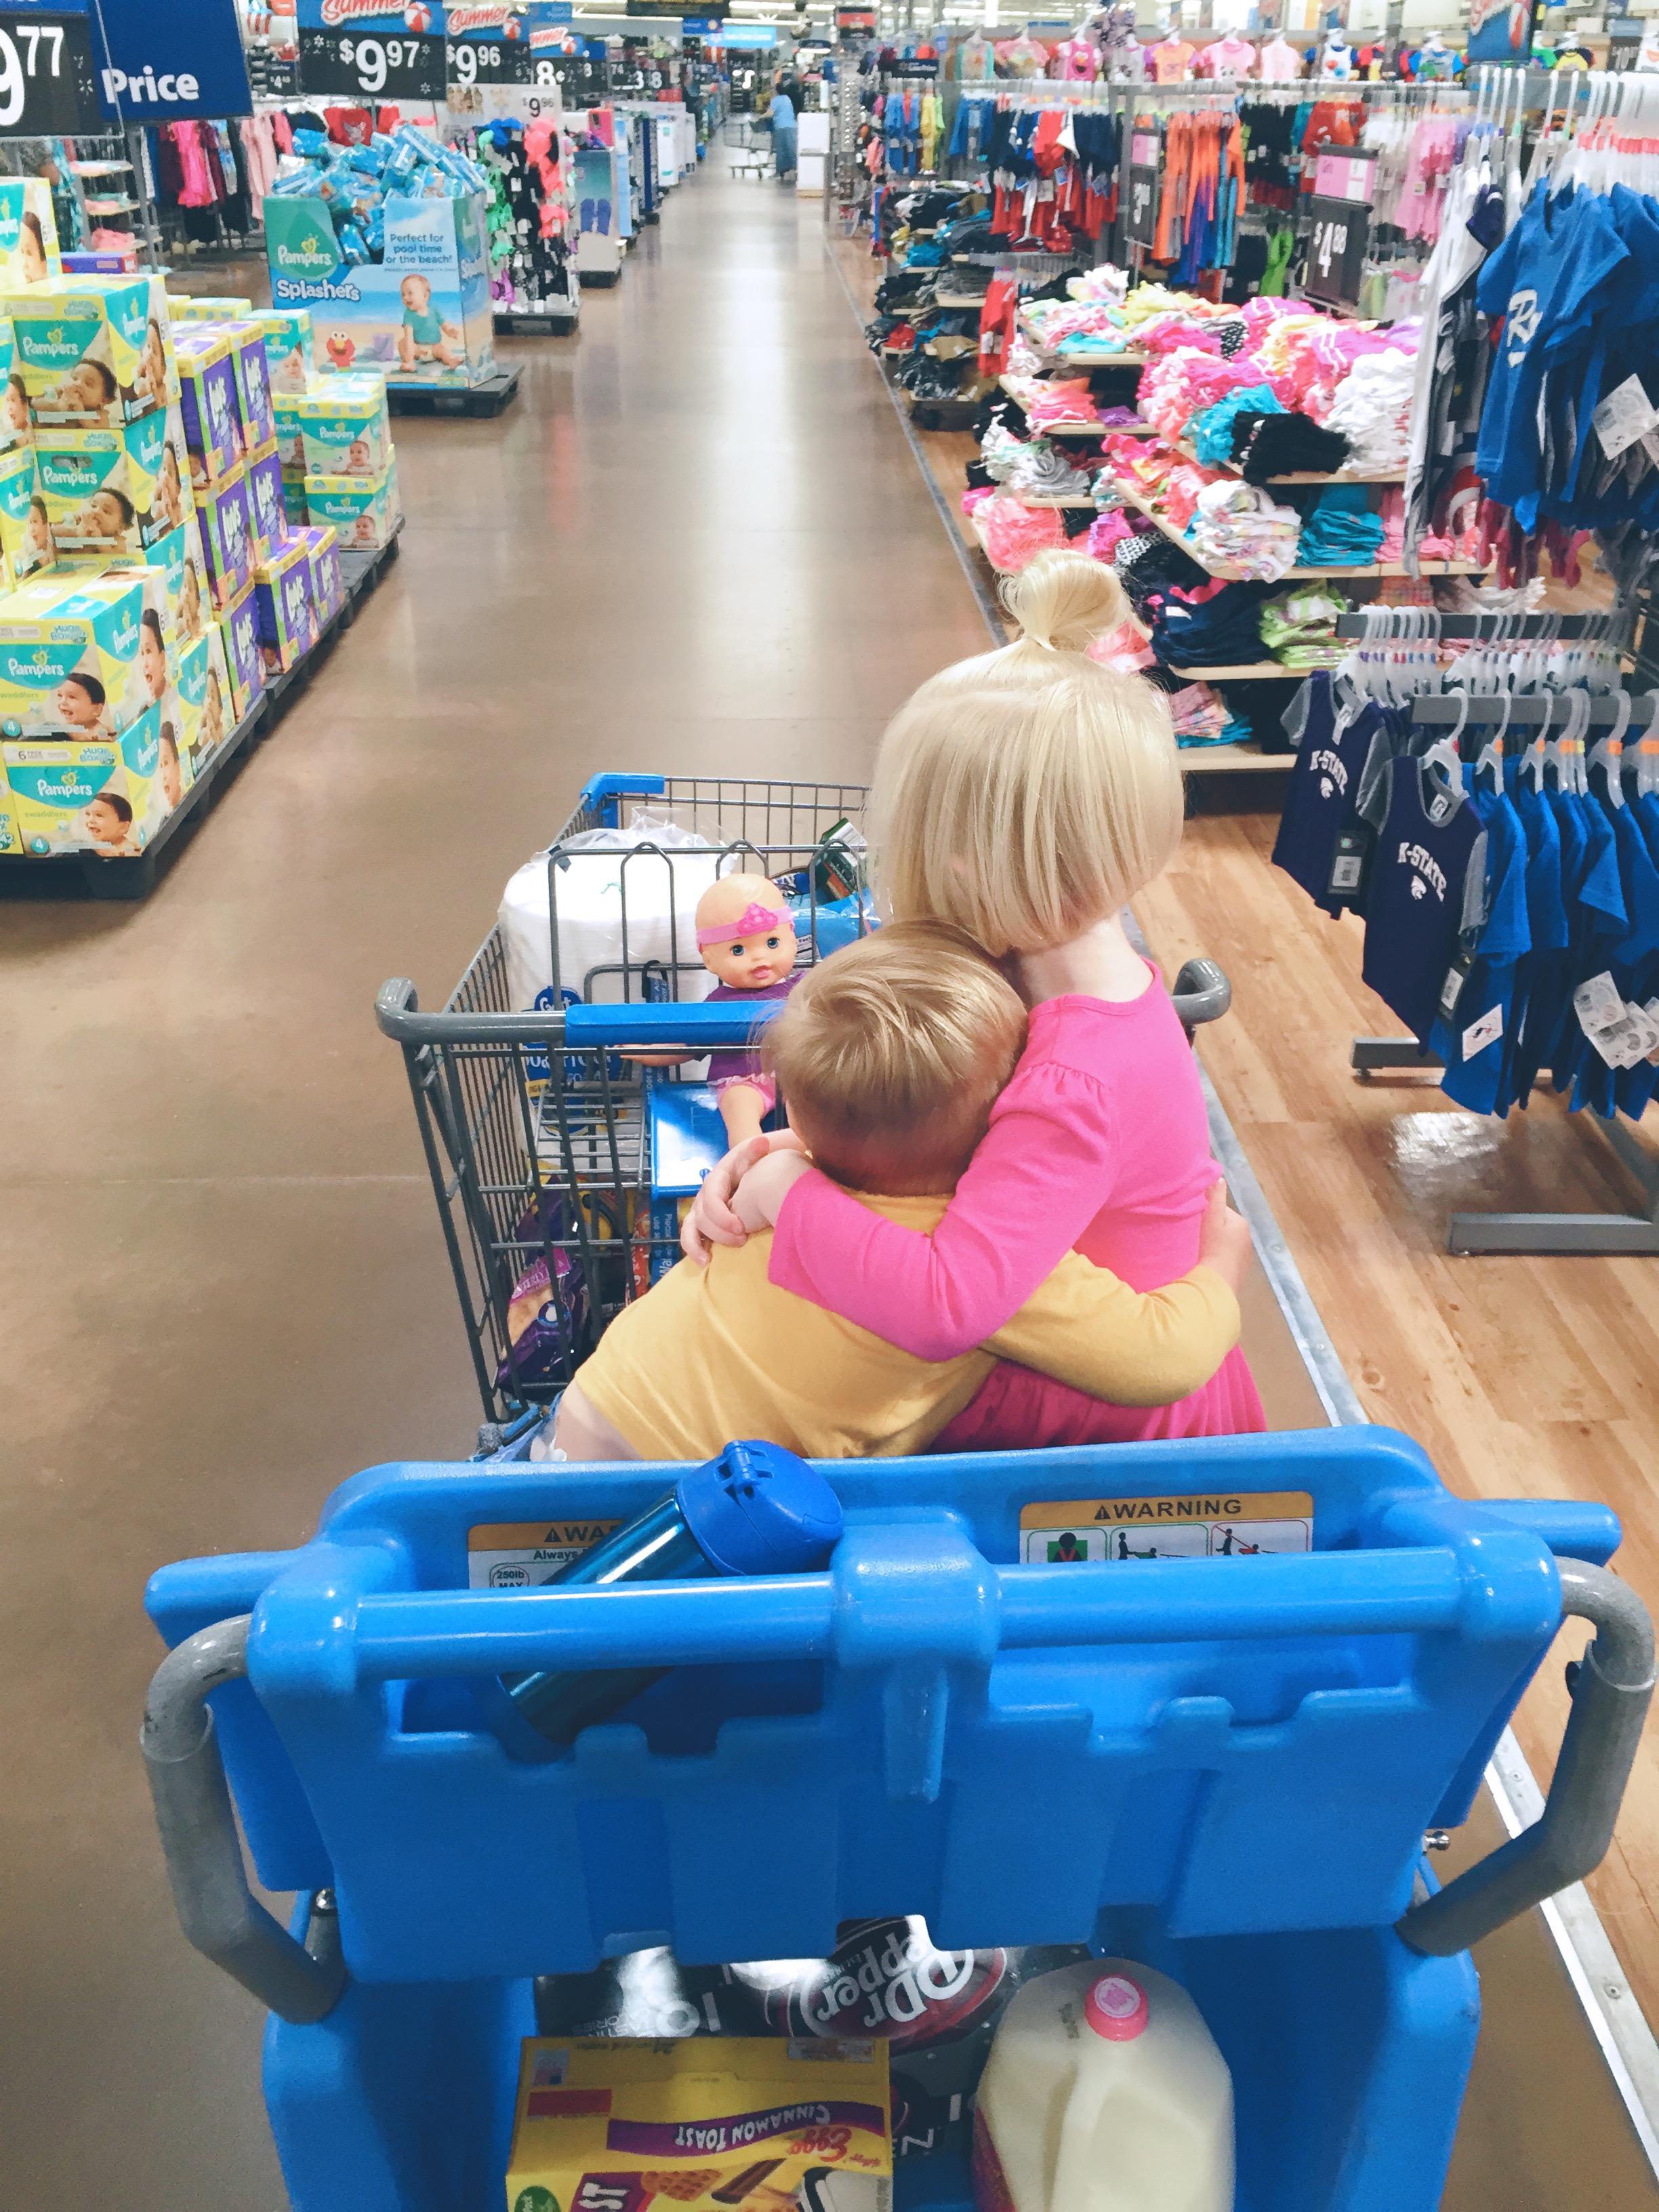 Shopping cart hugs